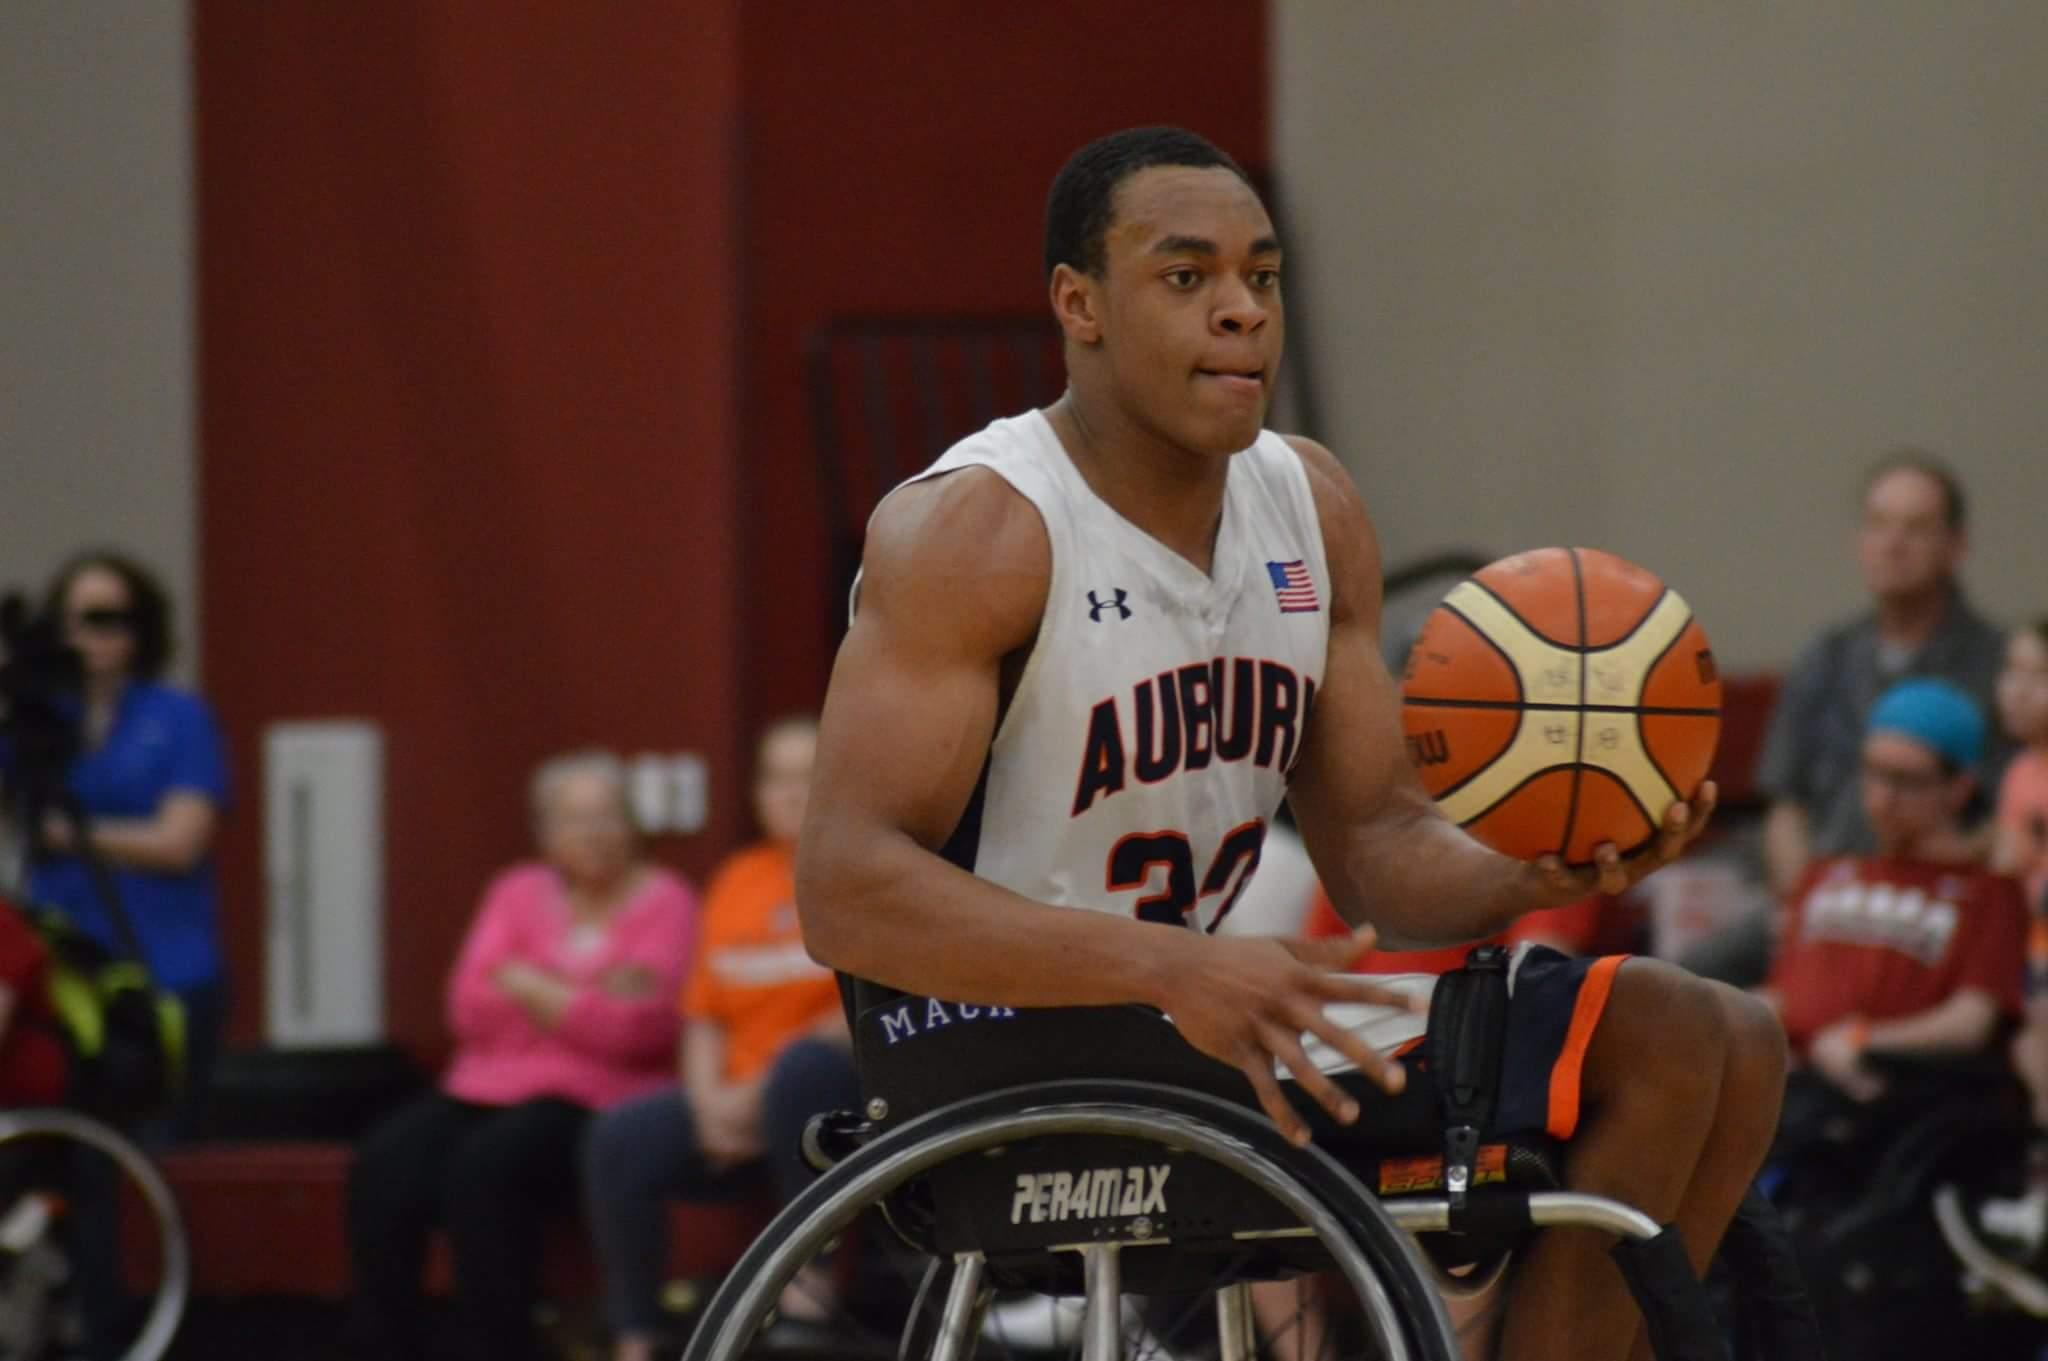 Mackenzie Johnson playing wheelchair basketball at Auburn University